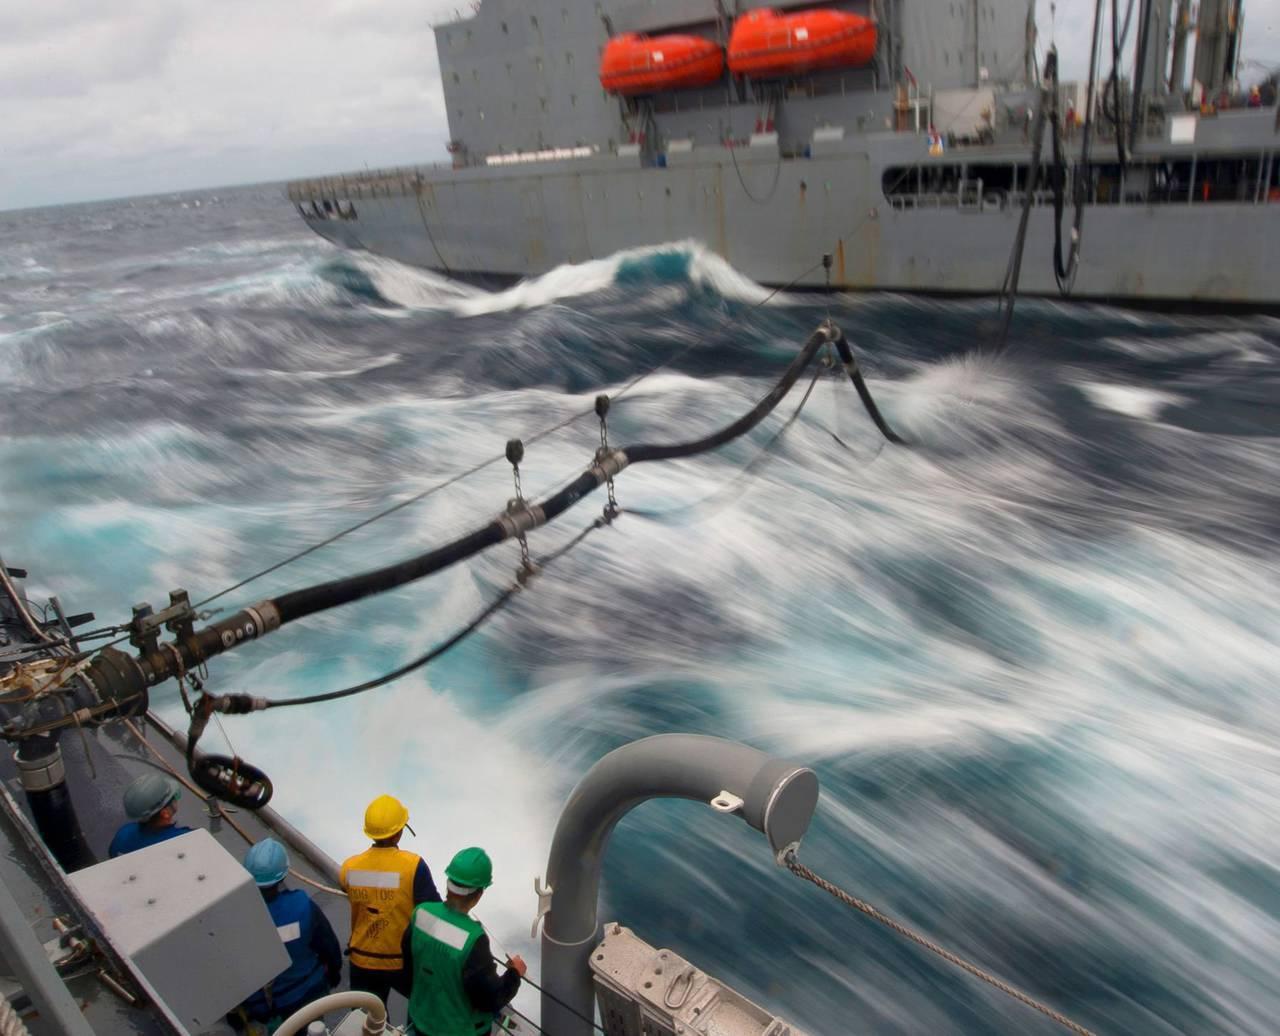 米海軍は海水を燃料と見なしている